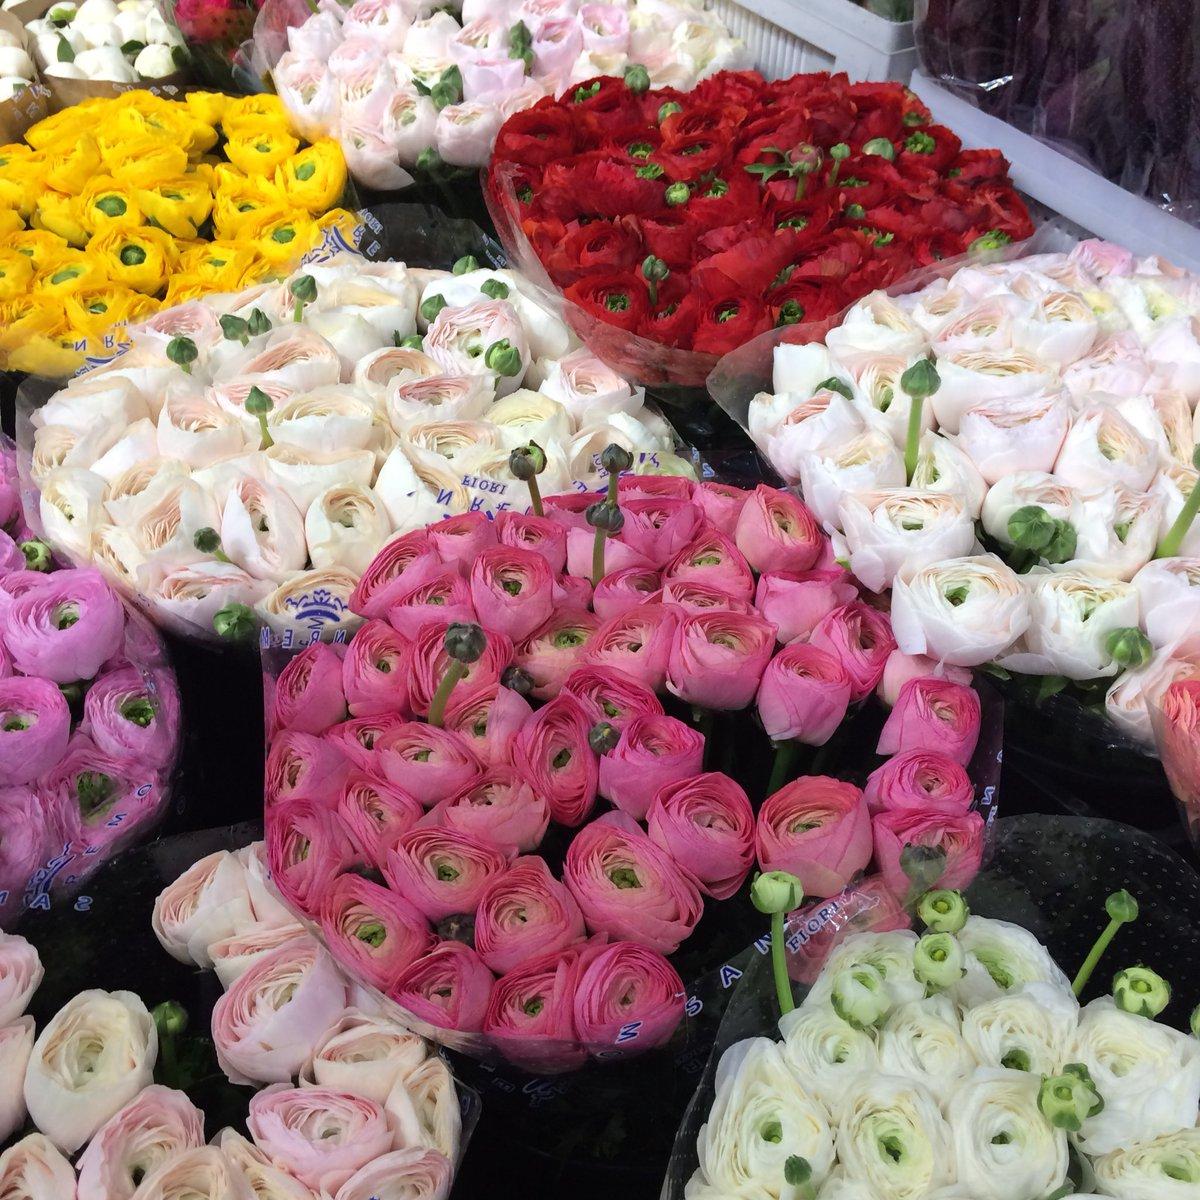 Купить саратове, цветы оптом рижский рынок цены